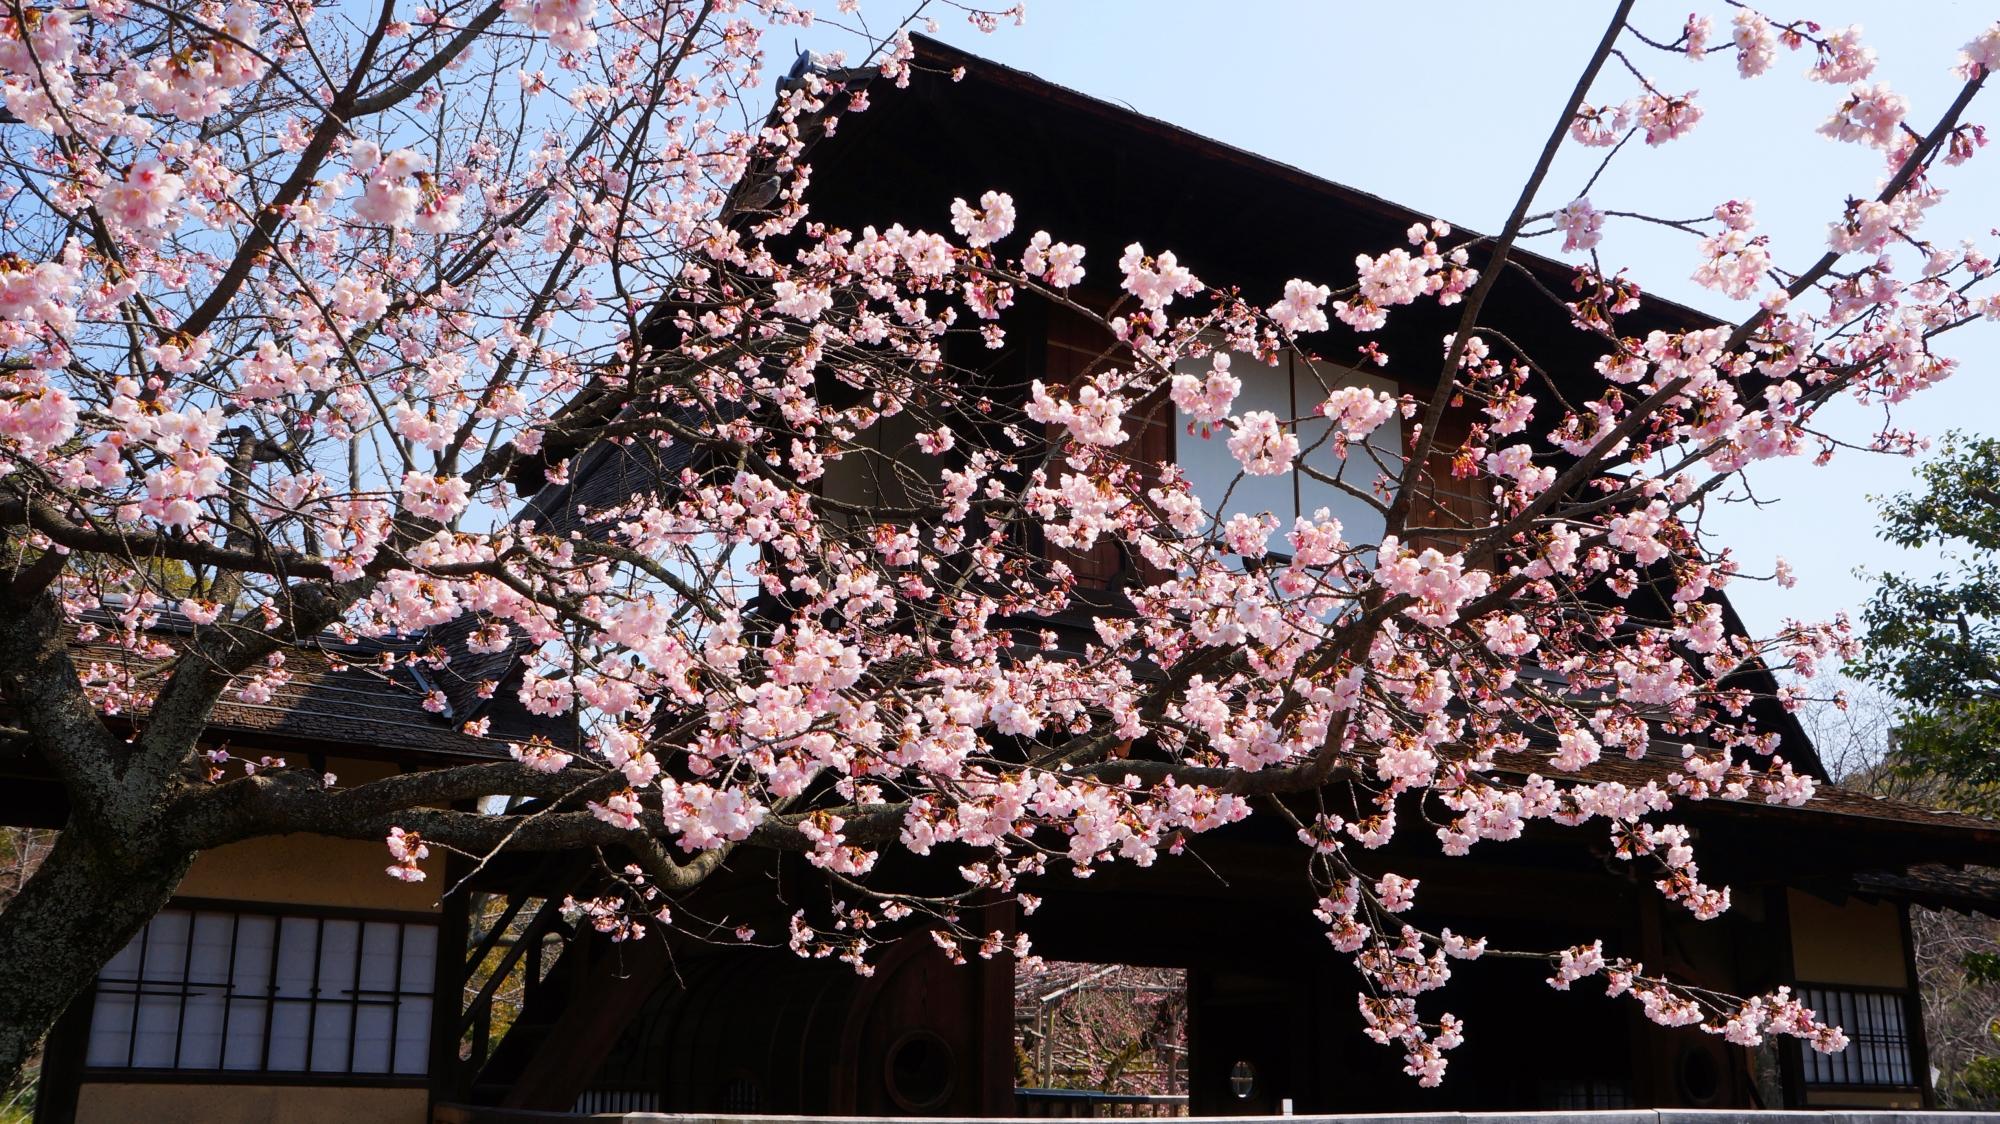 傍花閣を春色に彩る満開の修善寺寒桜